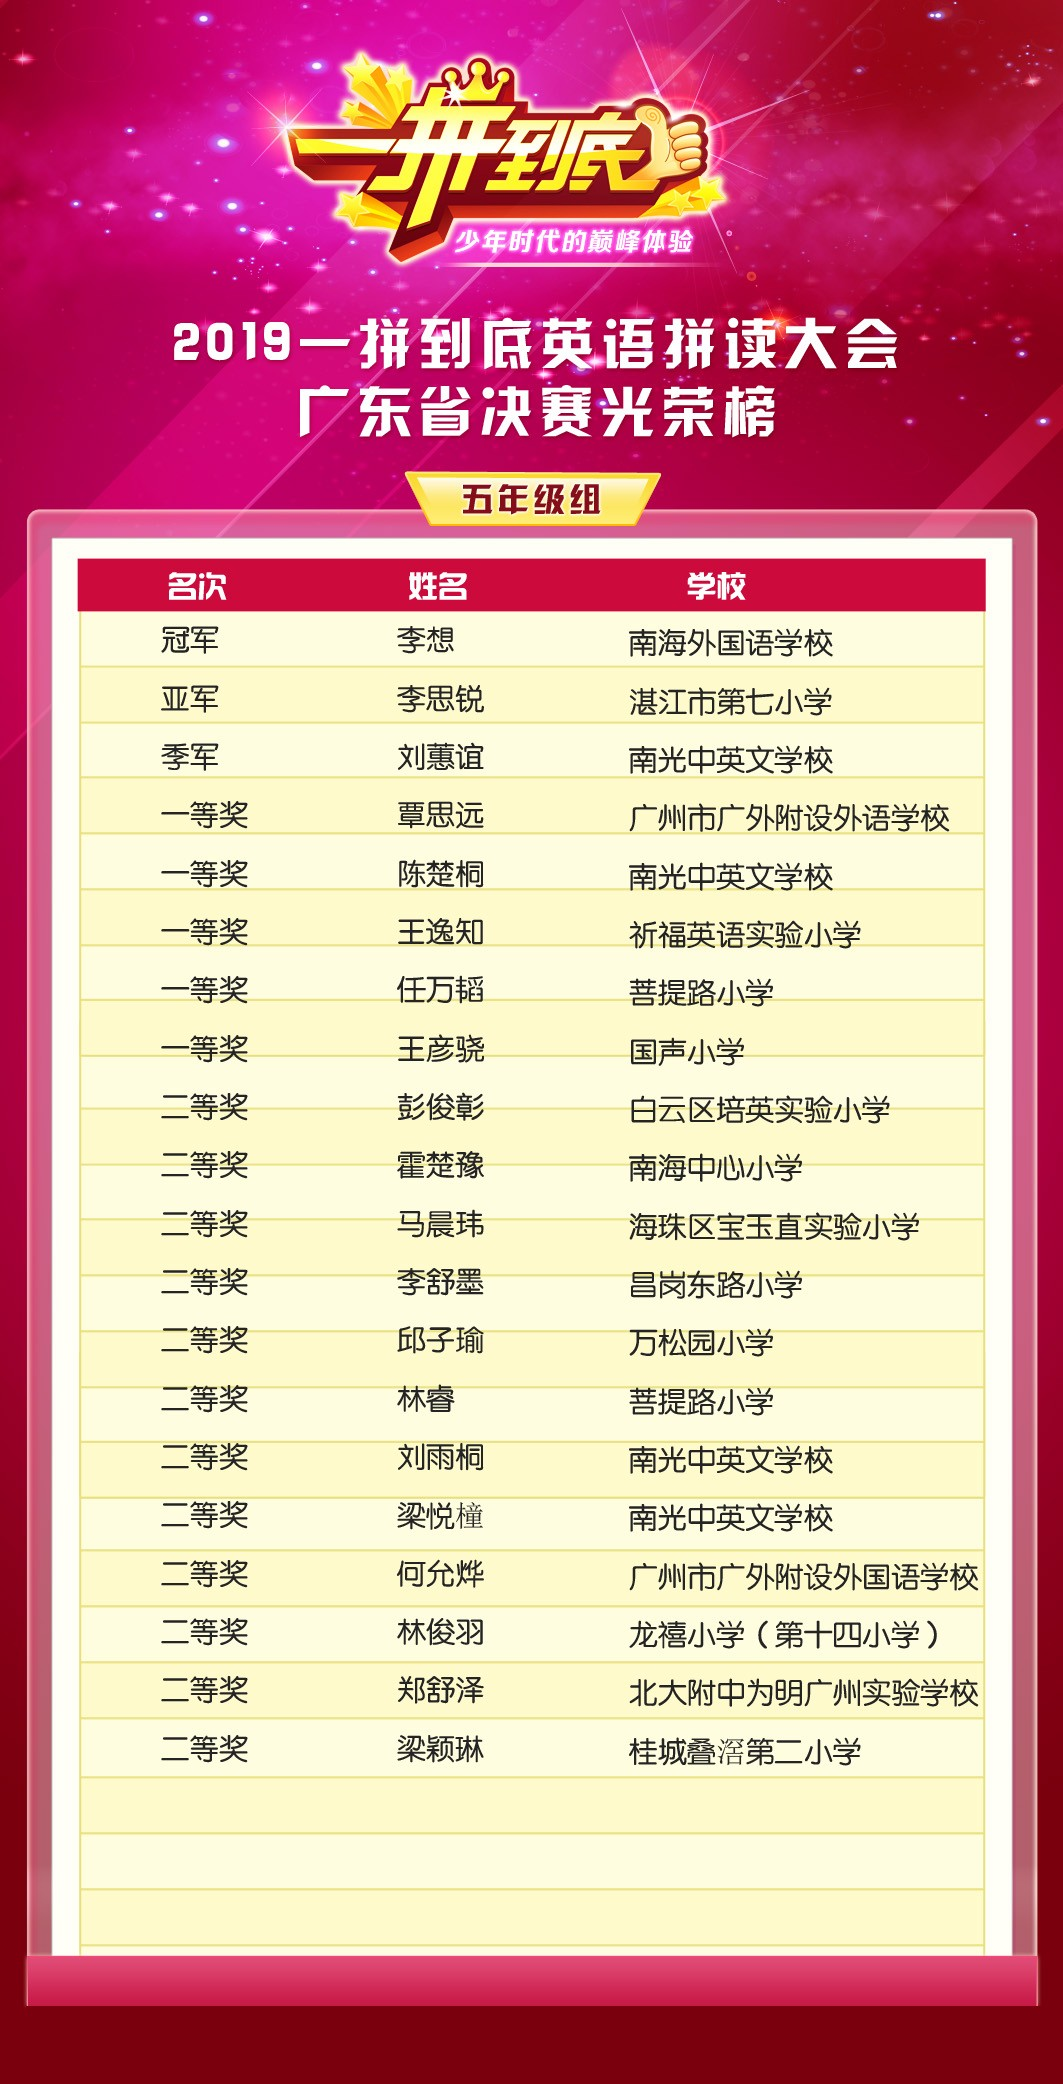 省赛光荣榜五年级.jpg